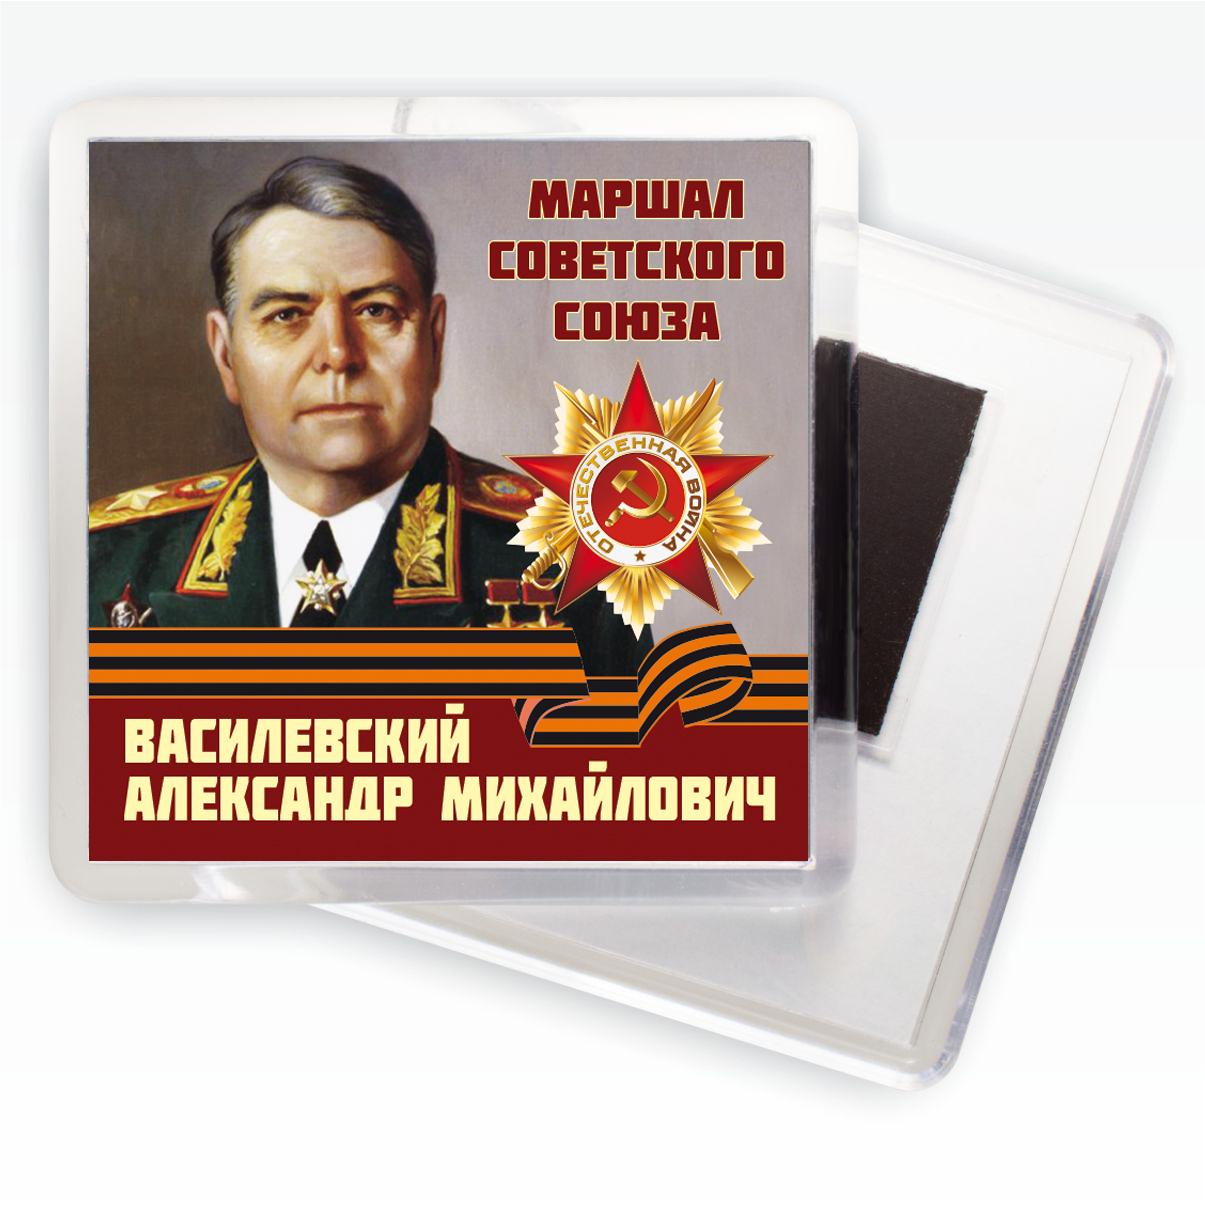 """Магнит """"Маршал Советского Союза Василевский А.М."""""""